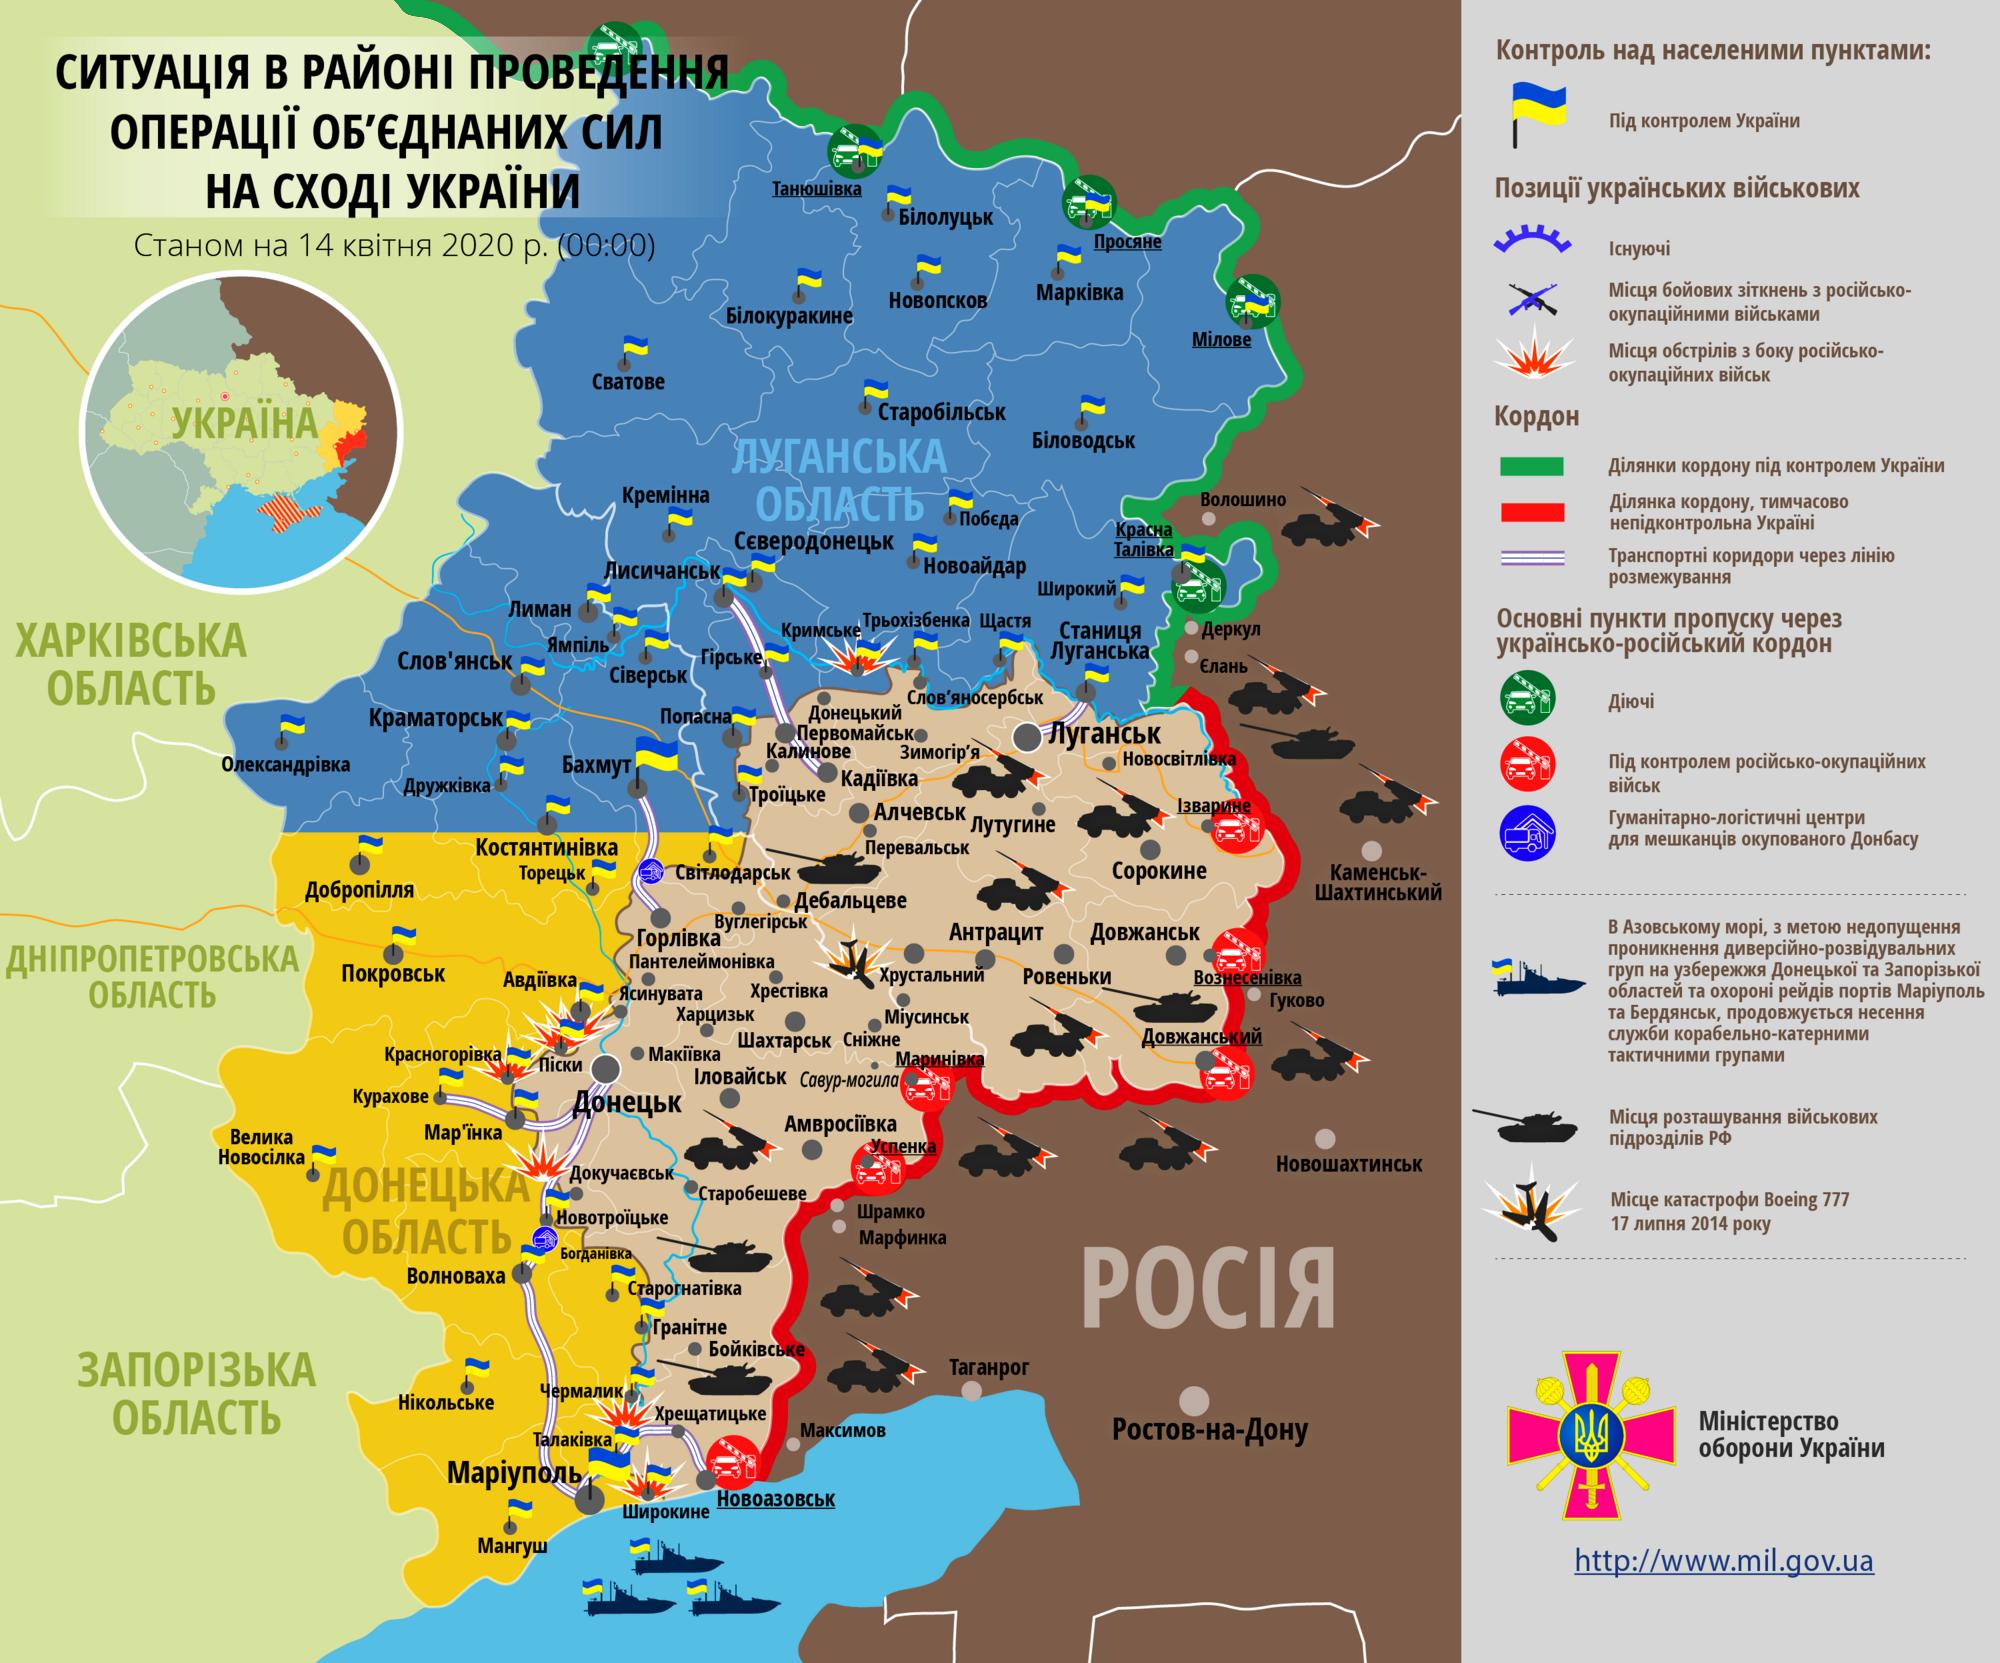 Ситуація в зоні проведення ООС на Донбасі 14 квітня